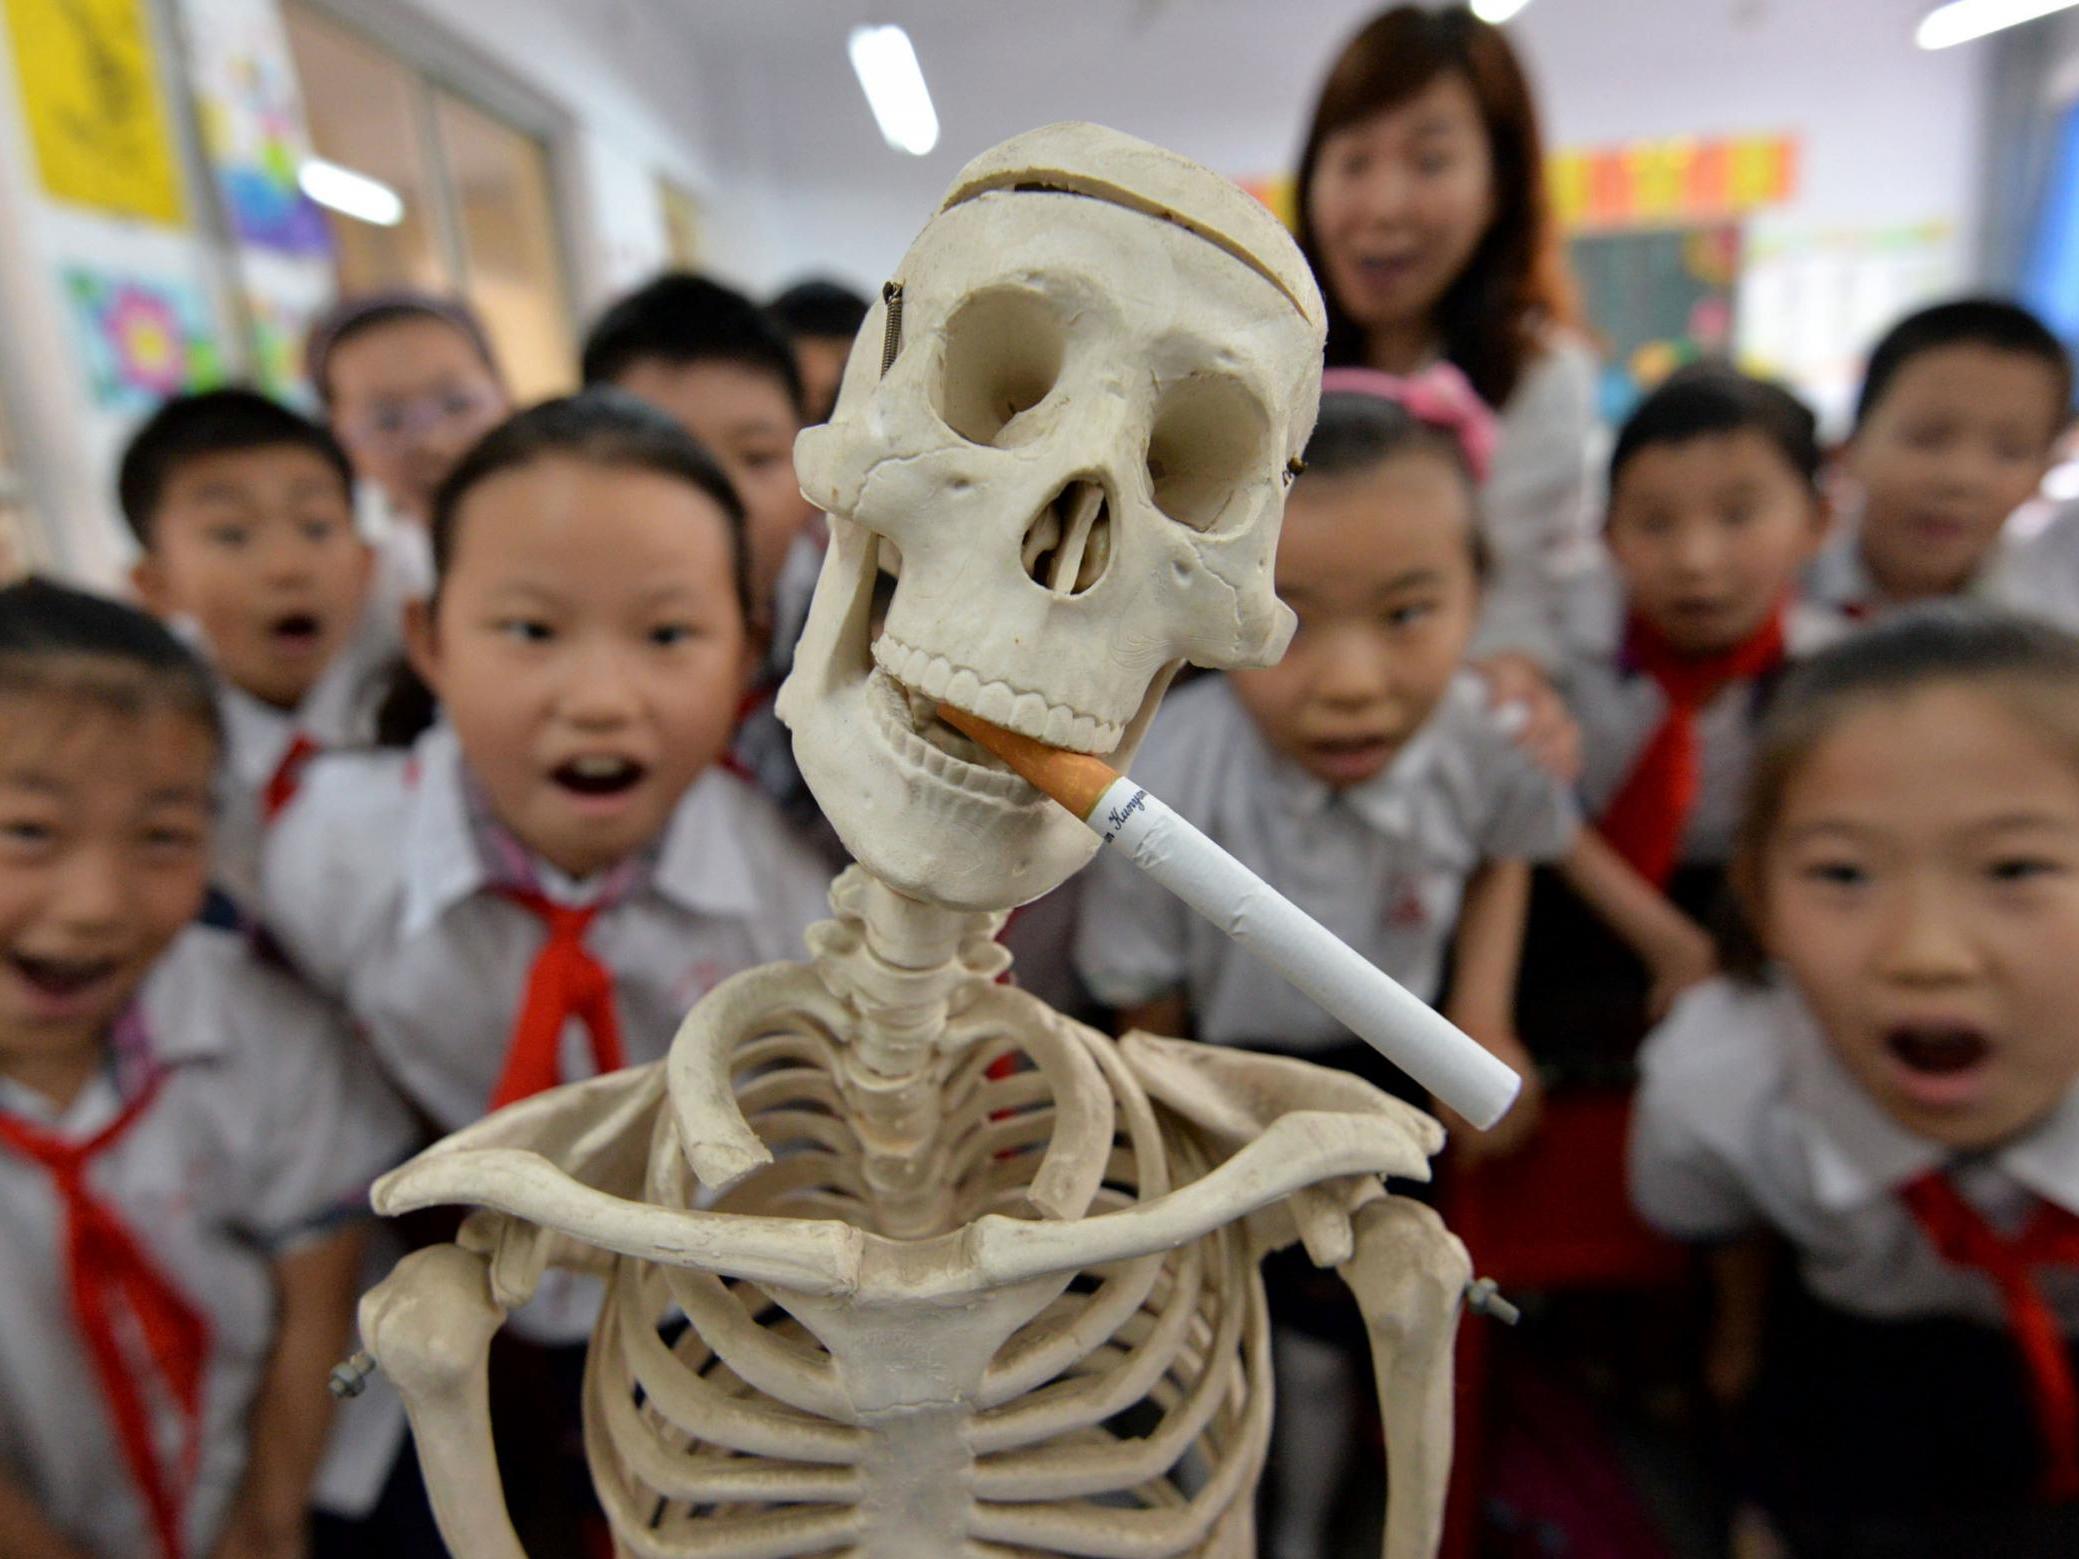 La prohibición de las exhibiciones de cigarrillos reduce a los niños que compran tabaco en las tiendas en casi un tercio, según un estudio.